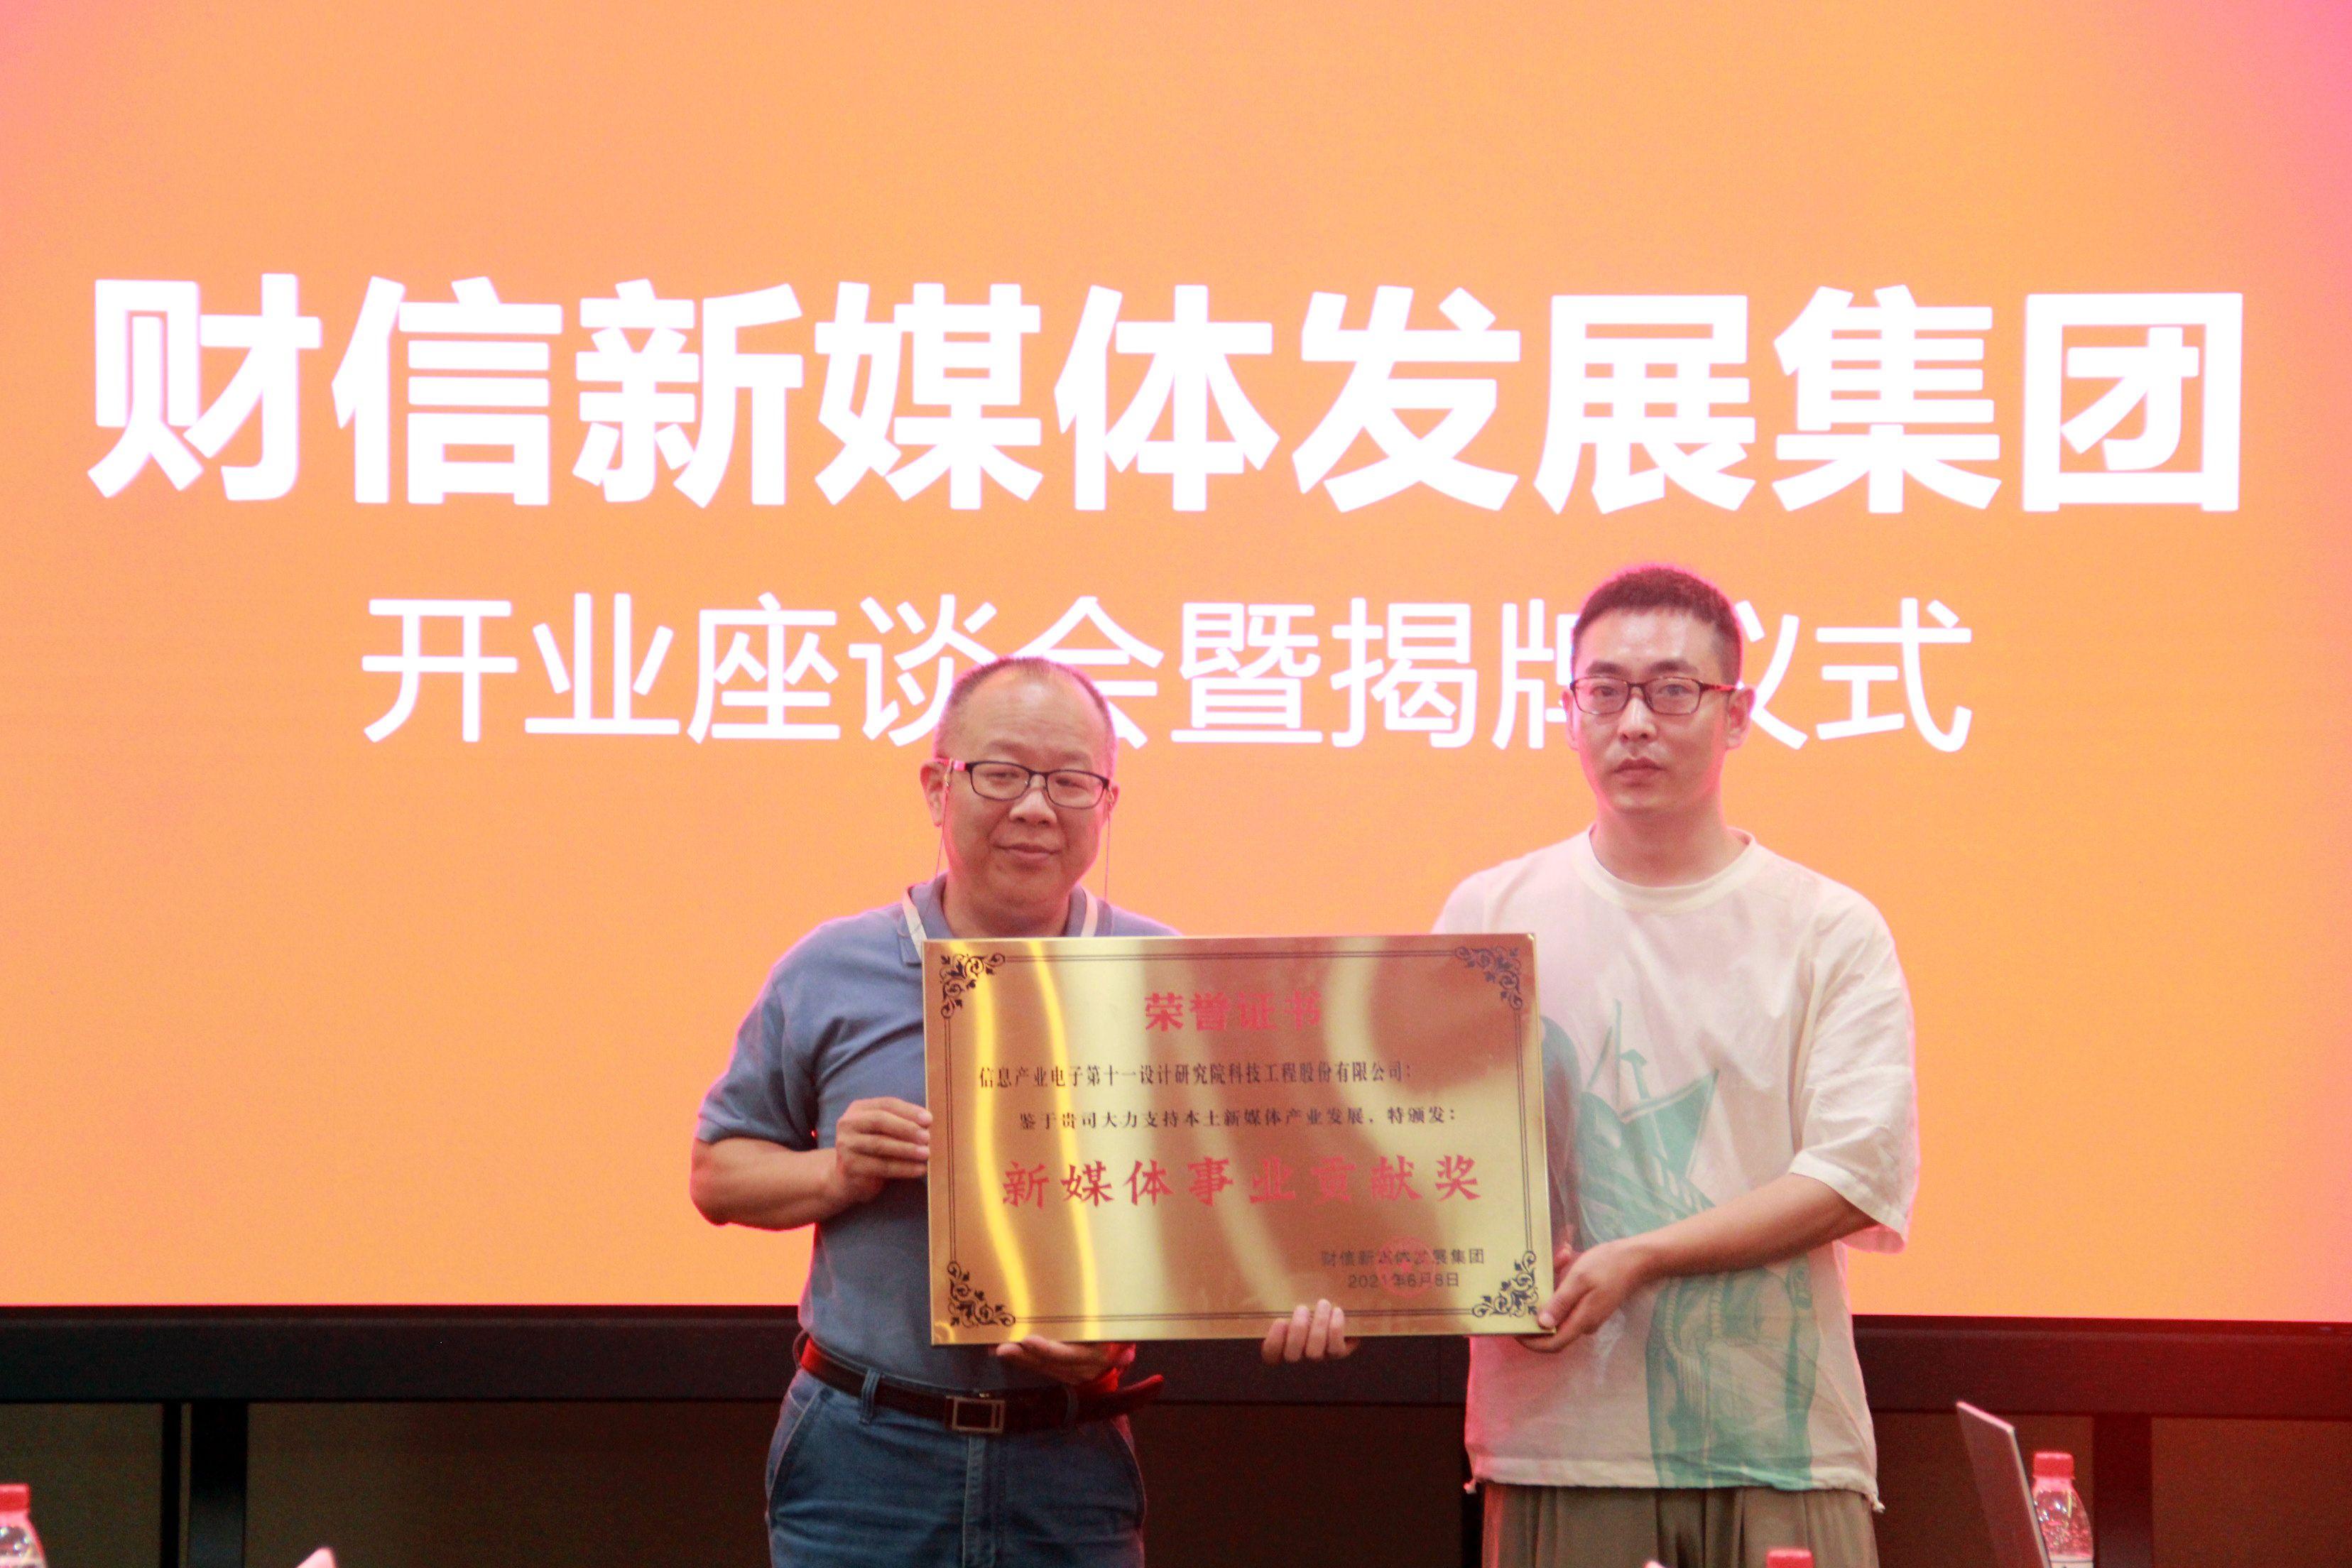 财信新媒体发展集团正式揭牌成立